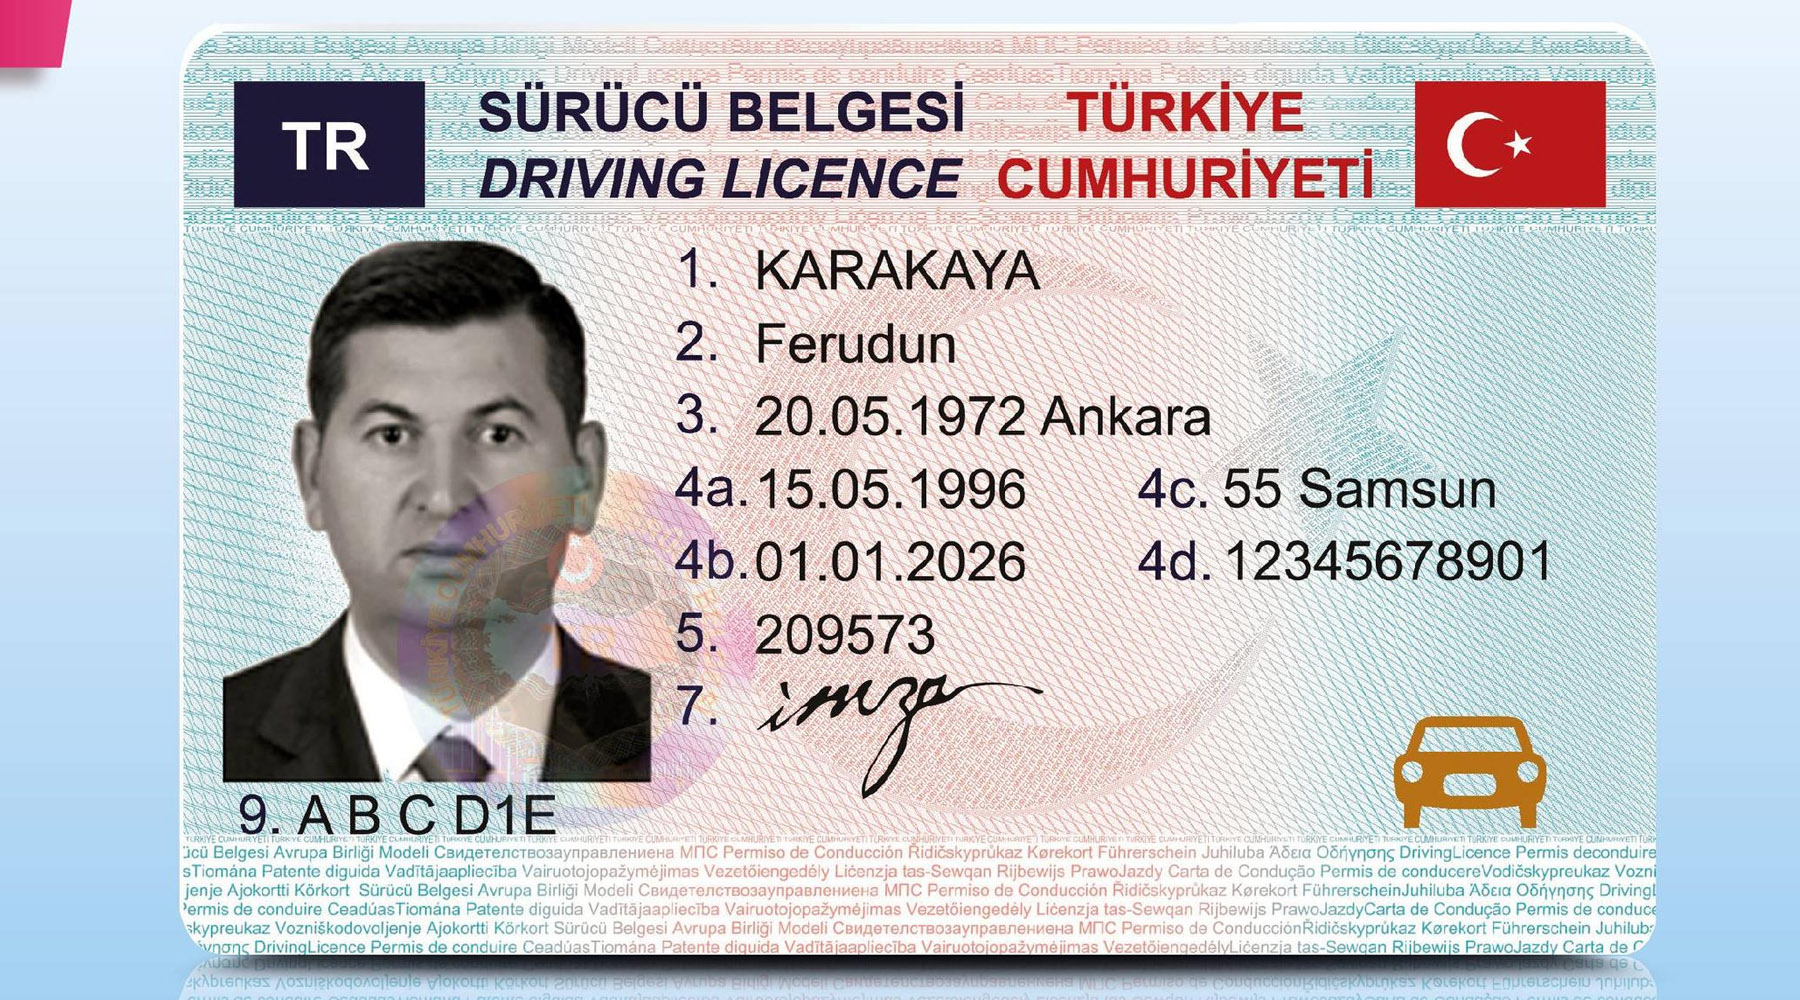 turkiye-surucu-belgesi-2016